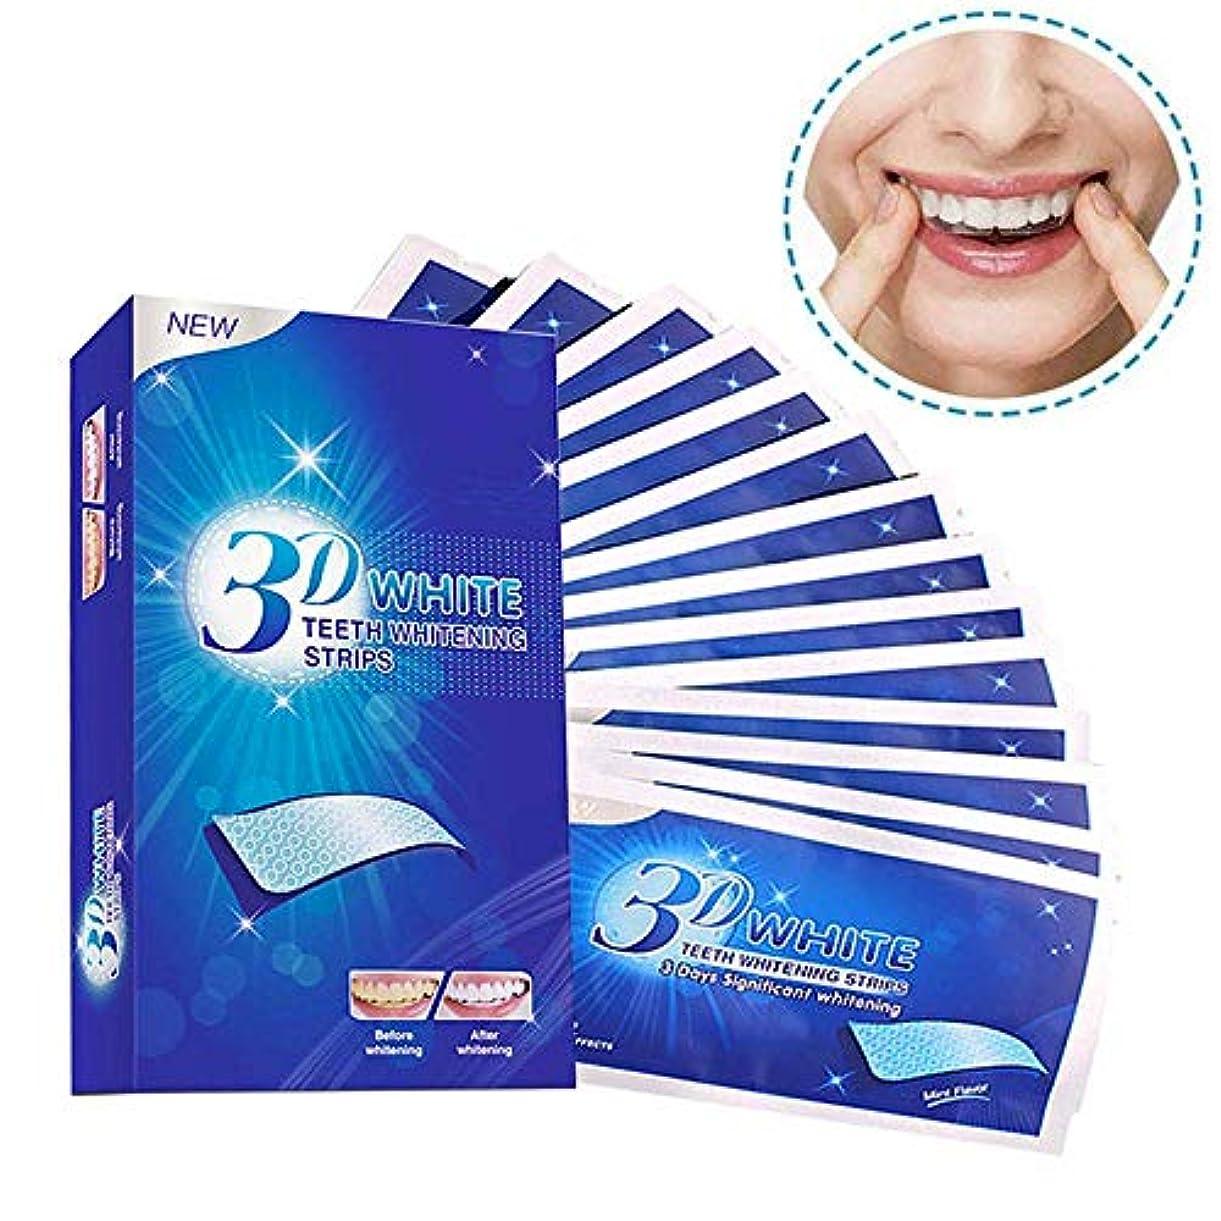 スカーフロッド呼吸する歯 美白 ホワイトニング マニキュア 歯ケア 歯のホワイトニング 美白歯磨き 歯を白 ホワイトニングテープ 歯を漂白 7セット/14枚 (7セット/14枚)